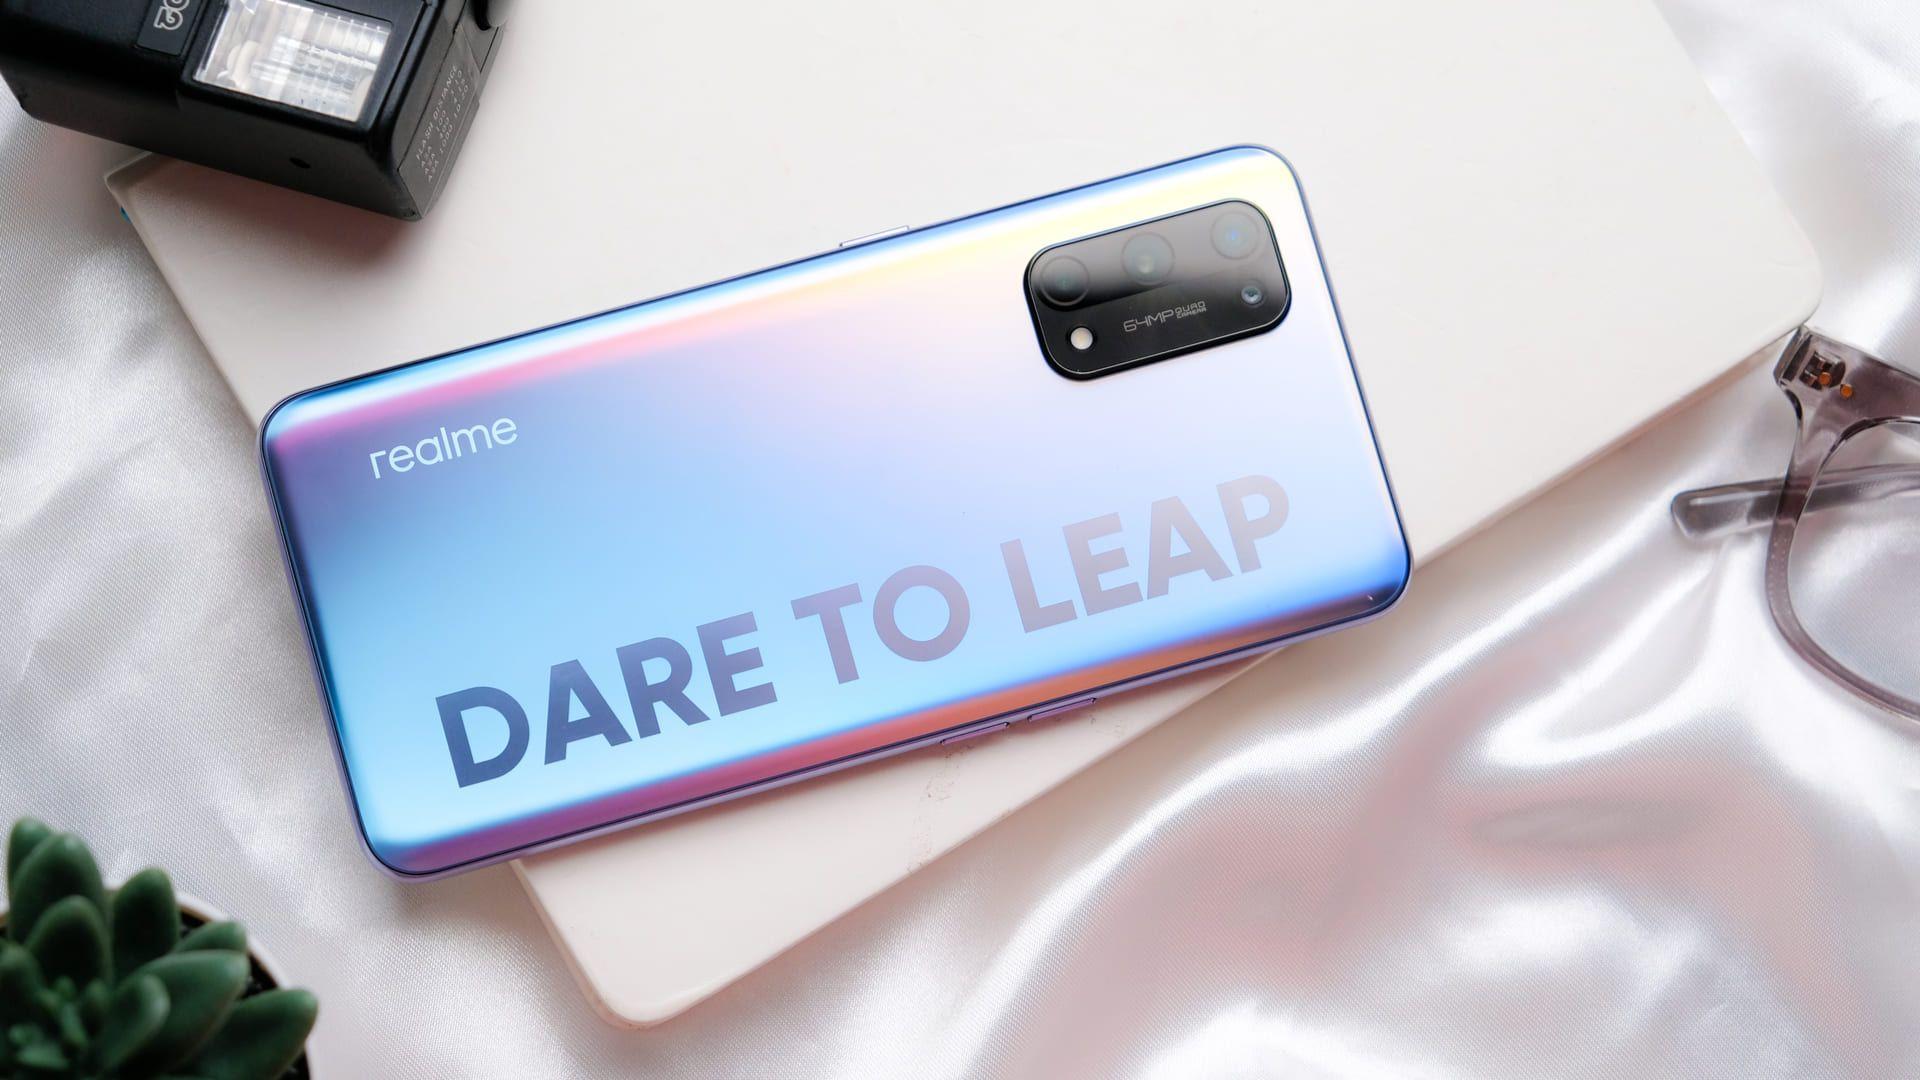 Qual melhor celular? O tempo dirá se a Realme vai conquistar o coração dos brasileiros (Framesira / Shutterstock.com)